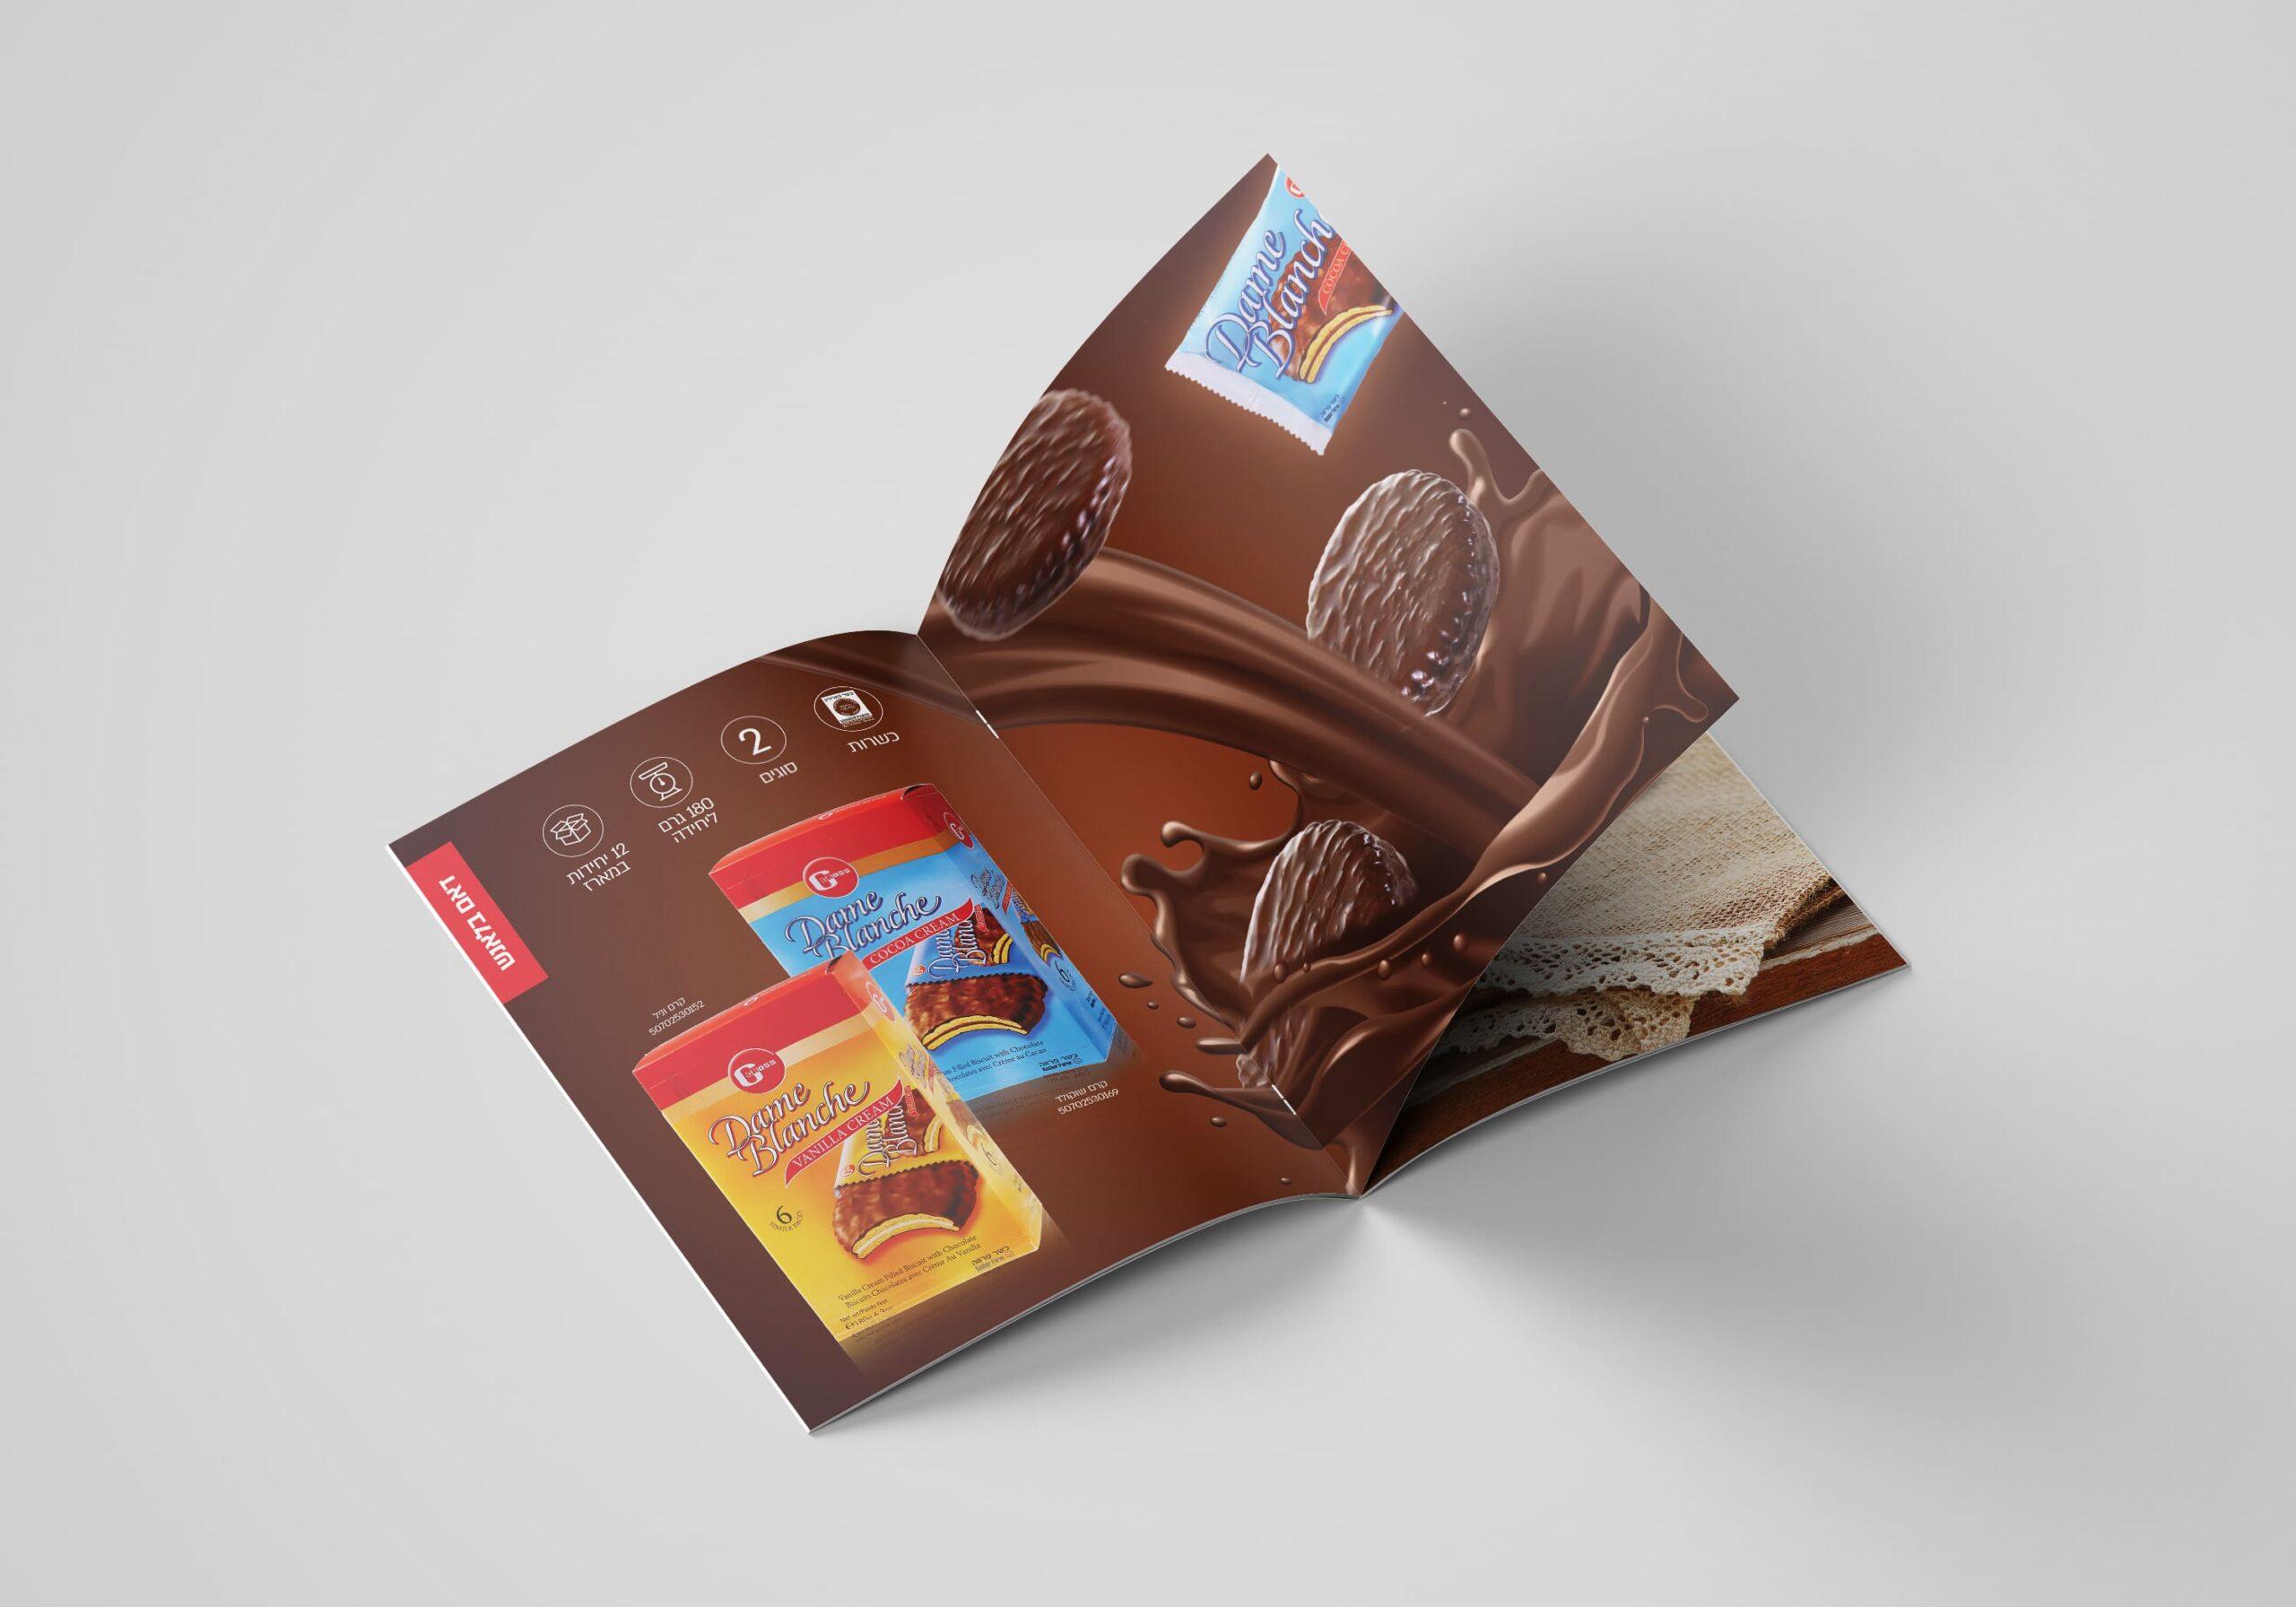 דאם בלאנש קטלוג שוקולד גרוס